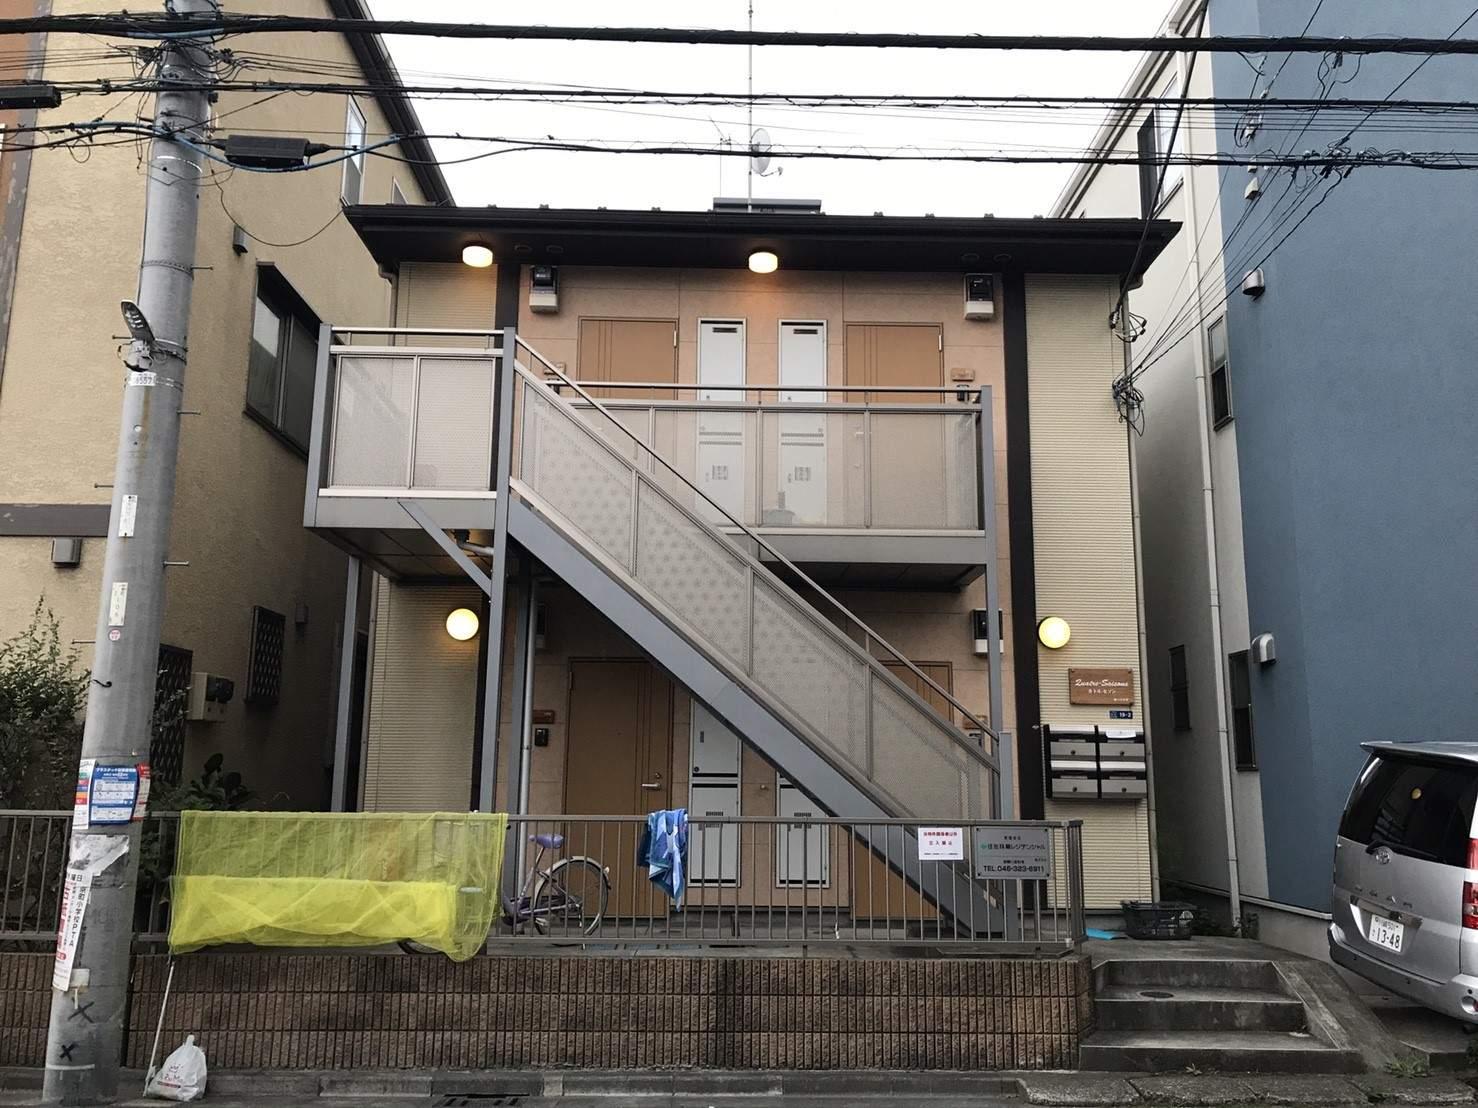 神奈川県川崎市川崎区、川崎駅バス10分京町下車後徒歩3分の築9年 2階建の賃貸アパート